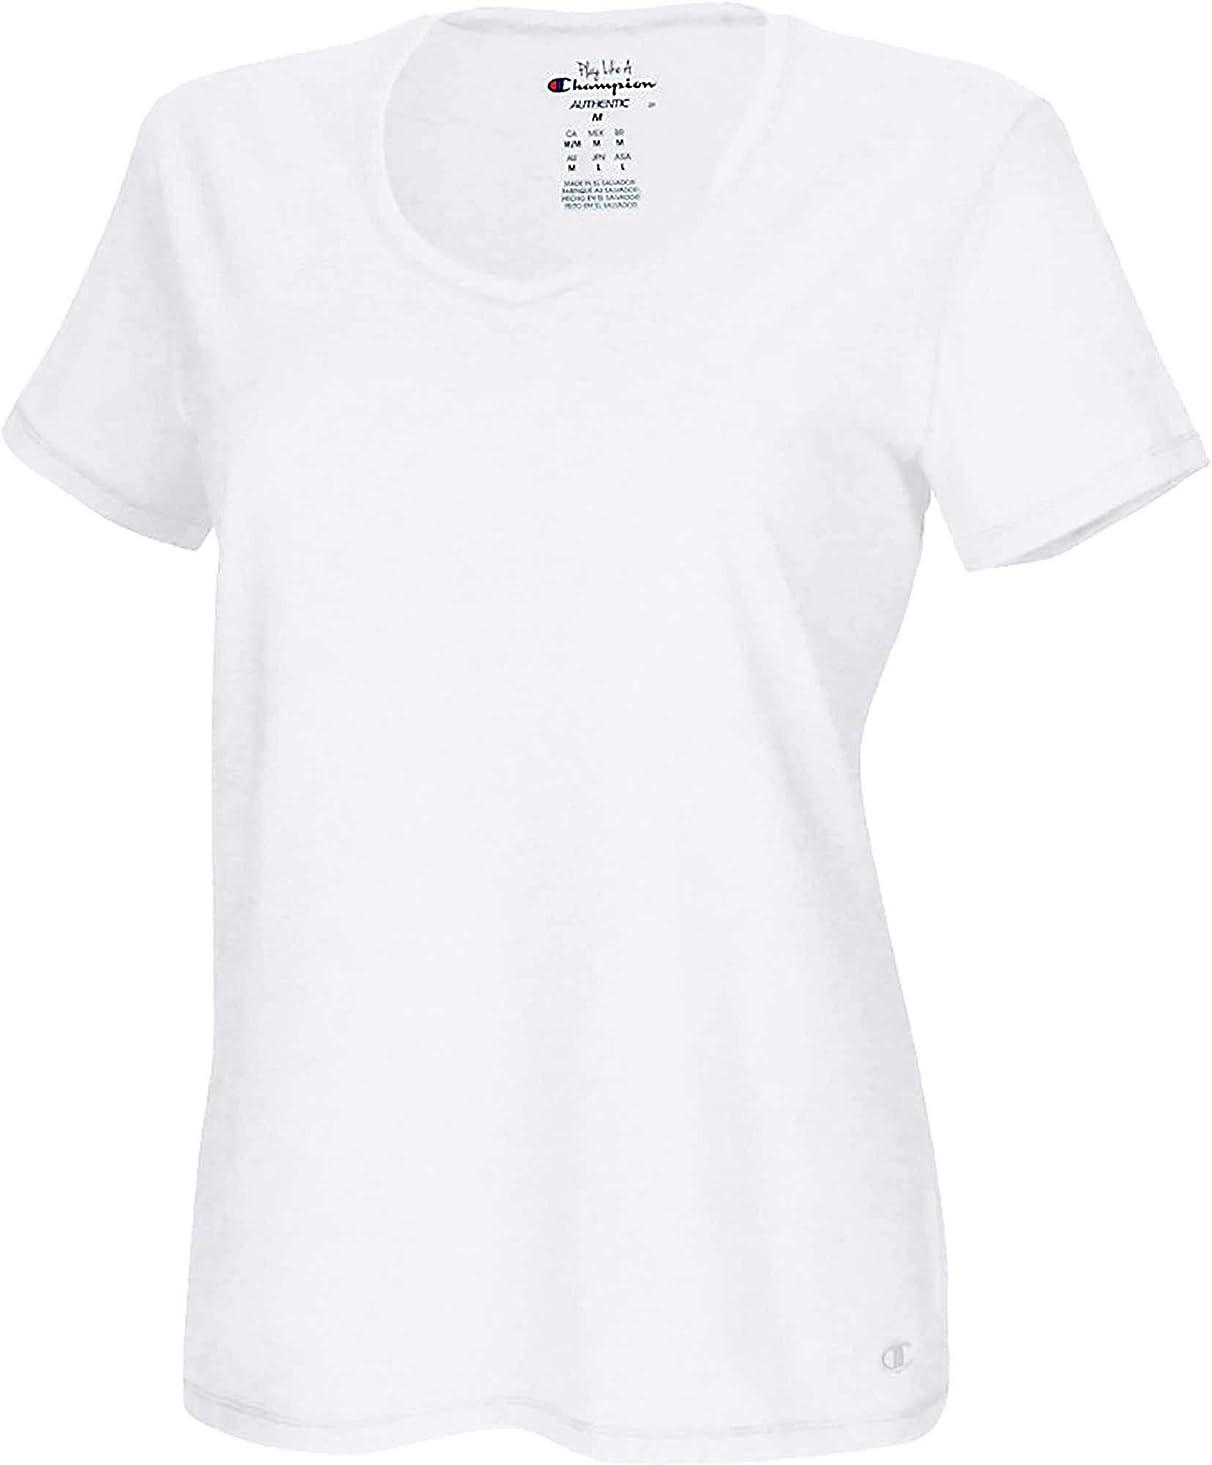 大きさ垂直ボトルネック[チャンピオン] レディース シャツ Champion Women's Plus Size Jersey T-Shir [並行輸入品]